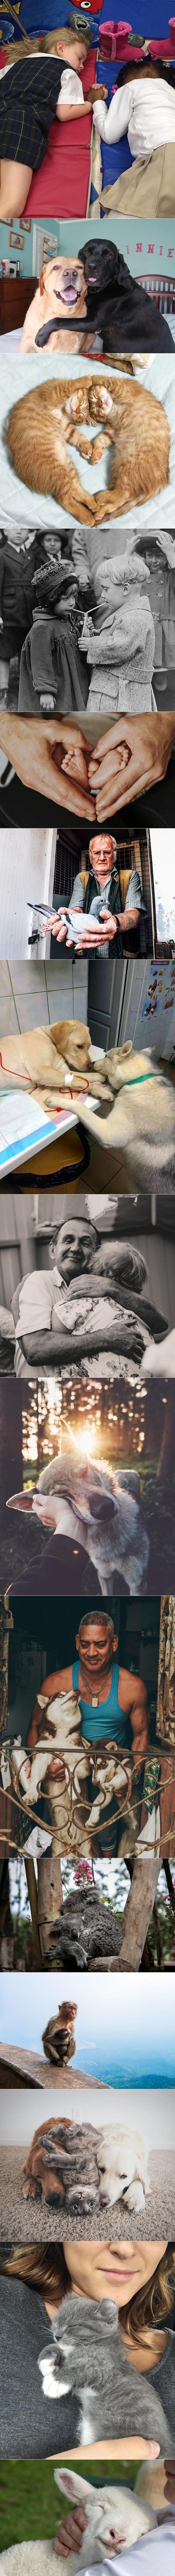 15 dirljivih slika koje dokazuju da svijet ne bi bio isti bez ljubavi i prijateljstva